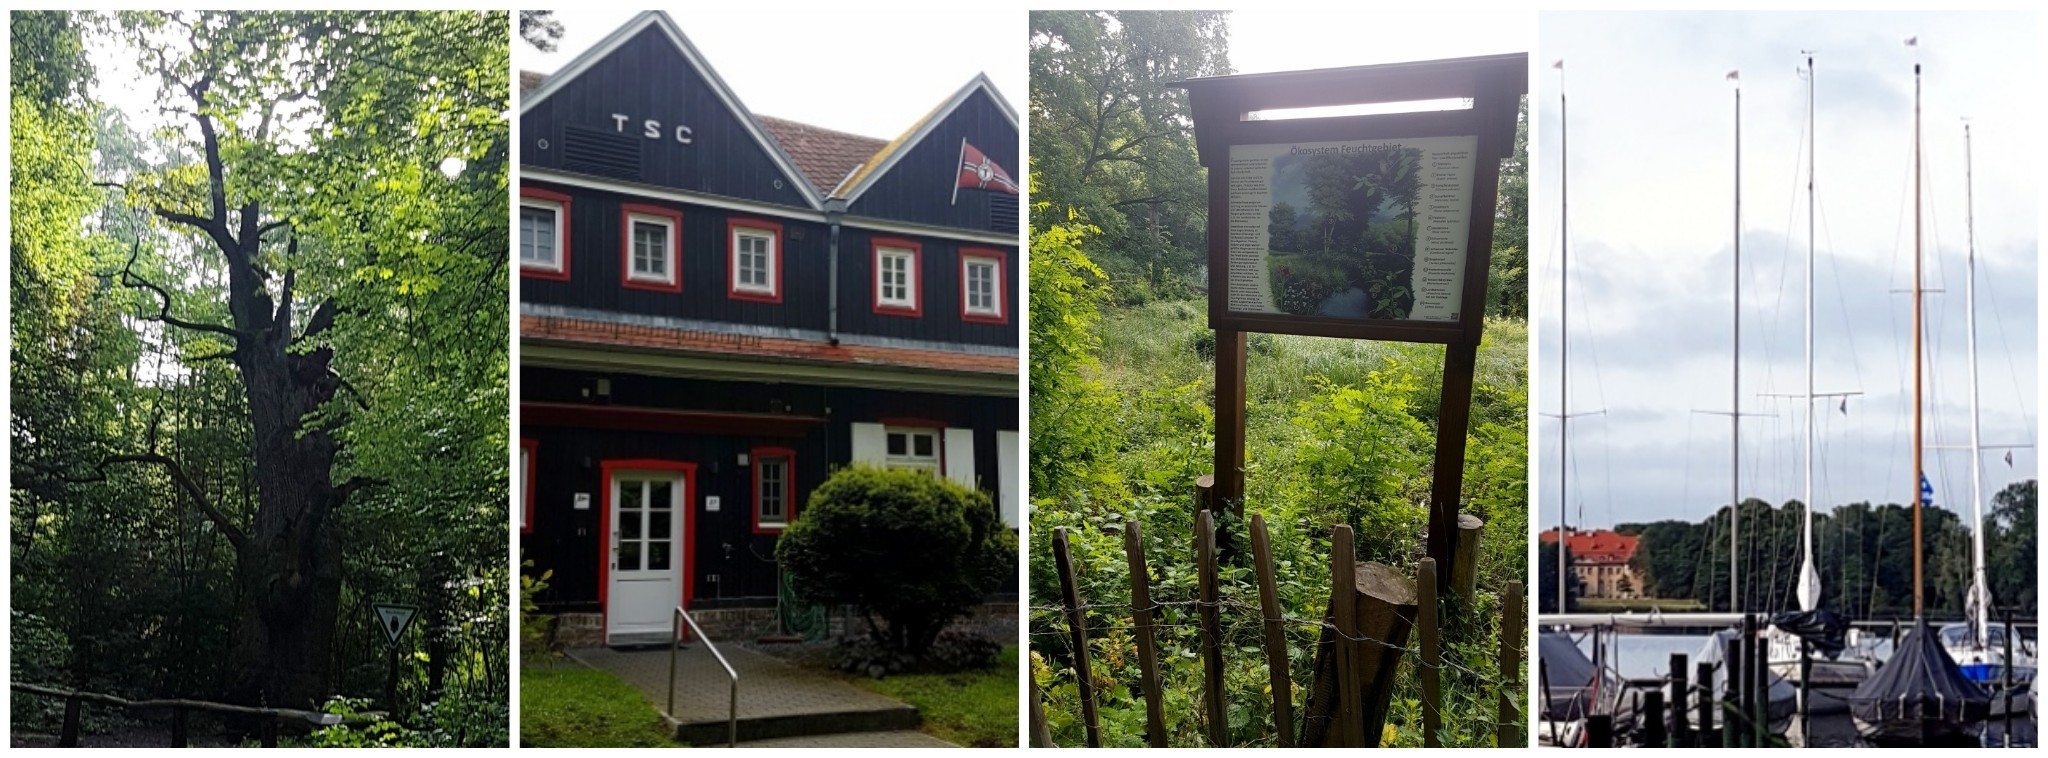 v.l.n.r.: Dicke Marie, Tegeler Segelclub, Feuchtwiese und Blick zur Halbinsel Reiherwerder und Villa Borsig